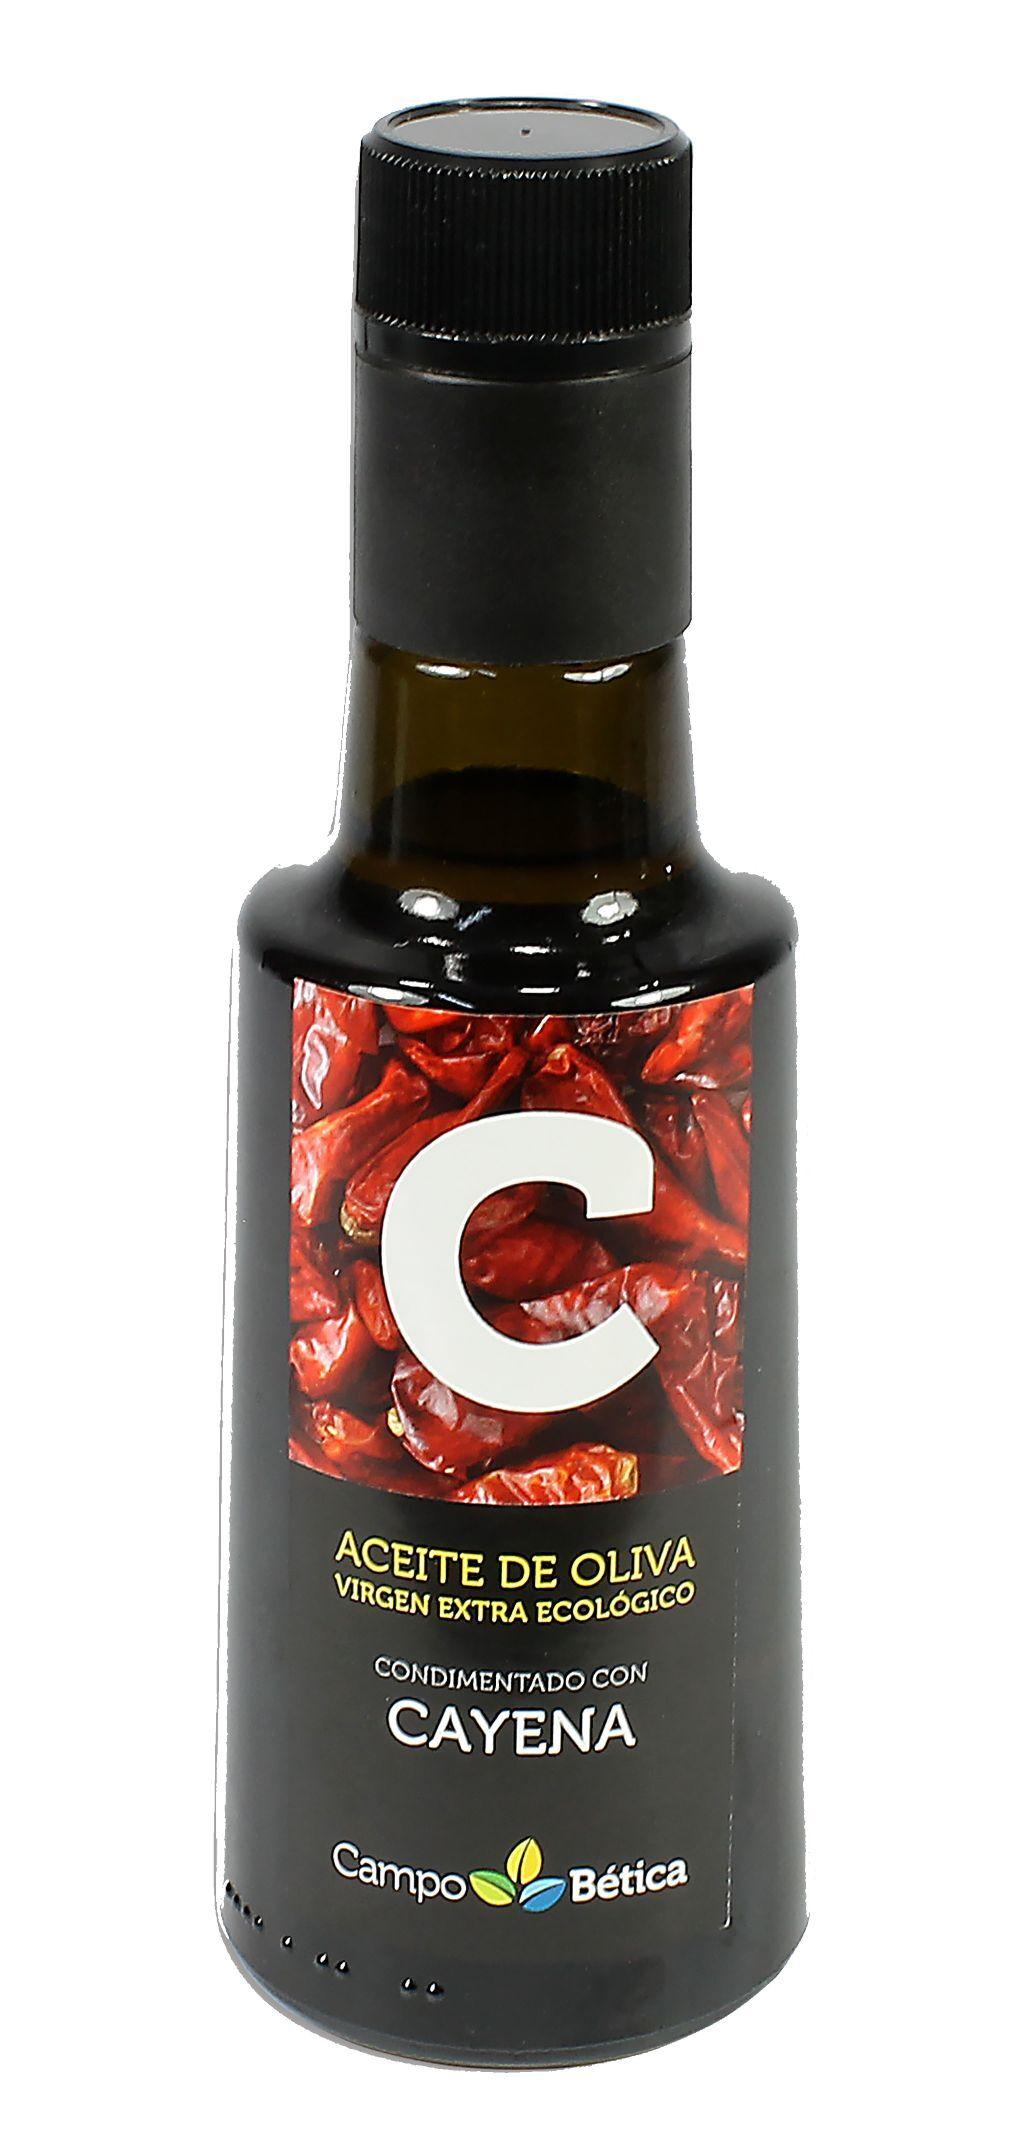 ACEITE OLIVA V.E. BIO CONDIMENTADO  CAYENA 250ml